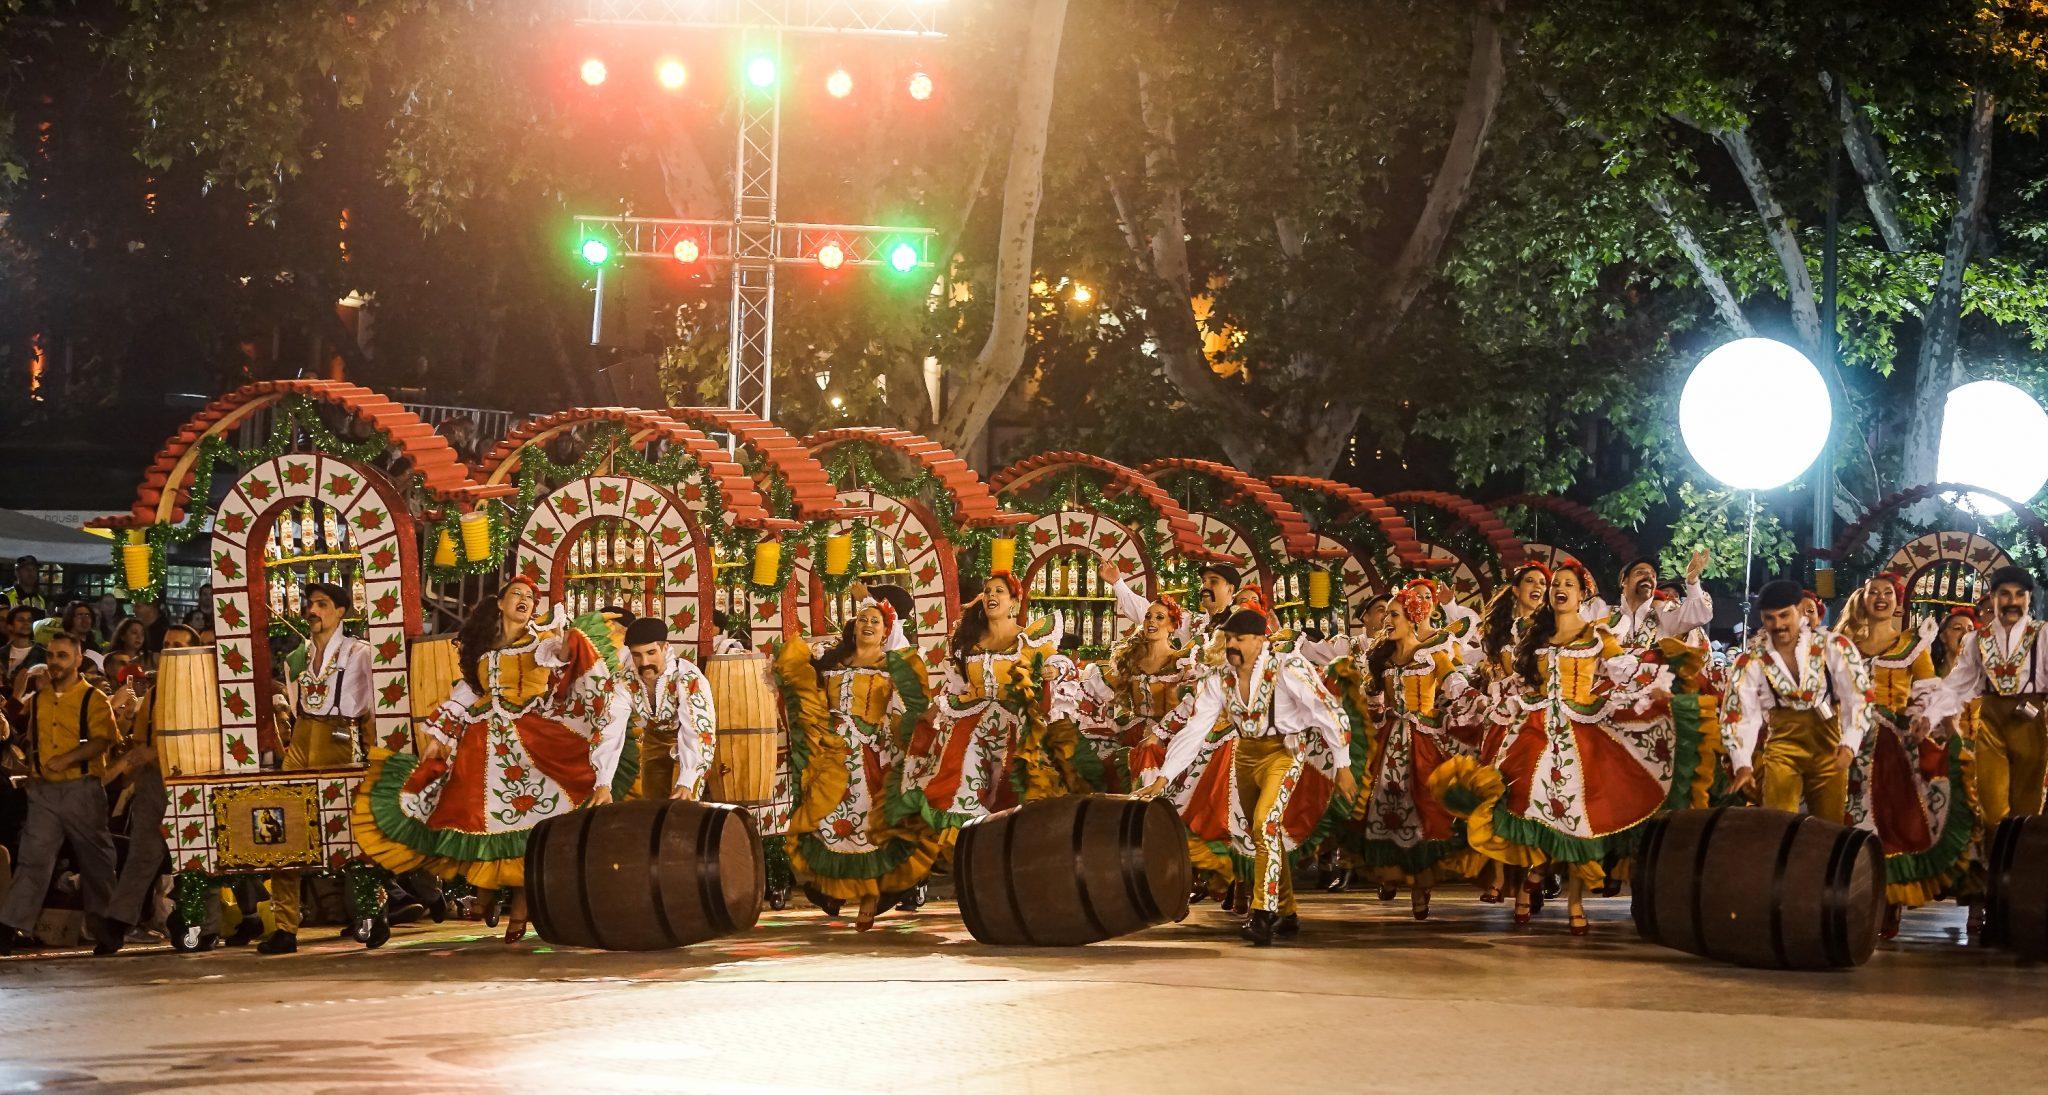 Homens e mulheres da Marcha de Alfama, vestidos em tons de vermelho, verde e dourado, desfilam na Avenida da Liberdade. Carregam os arcos, que representam tascas típicas, e ainda umas pipas de vinho.